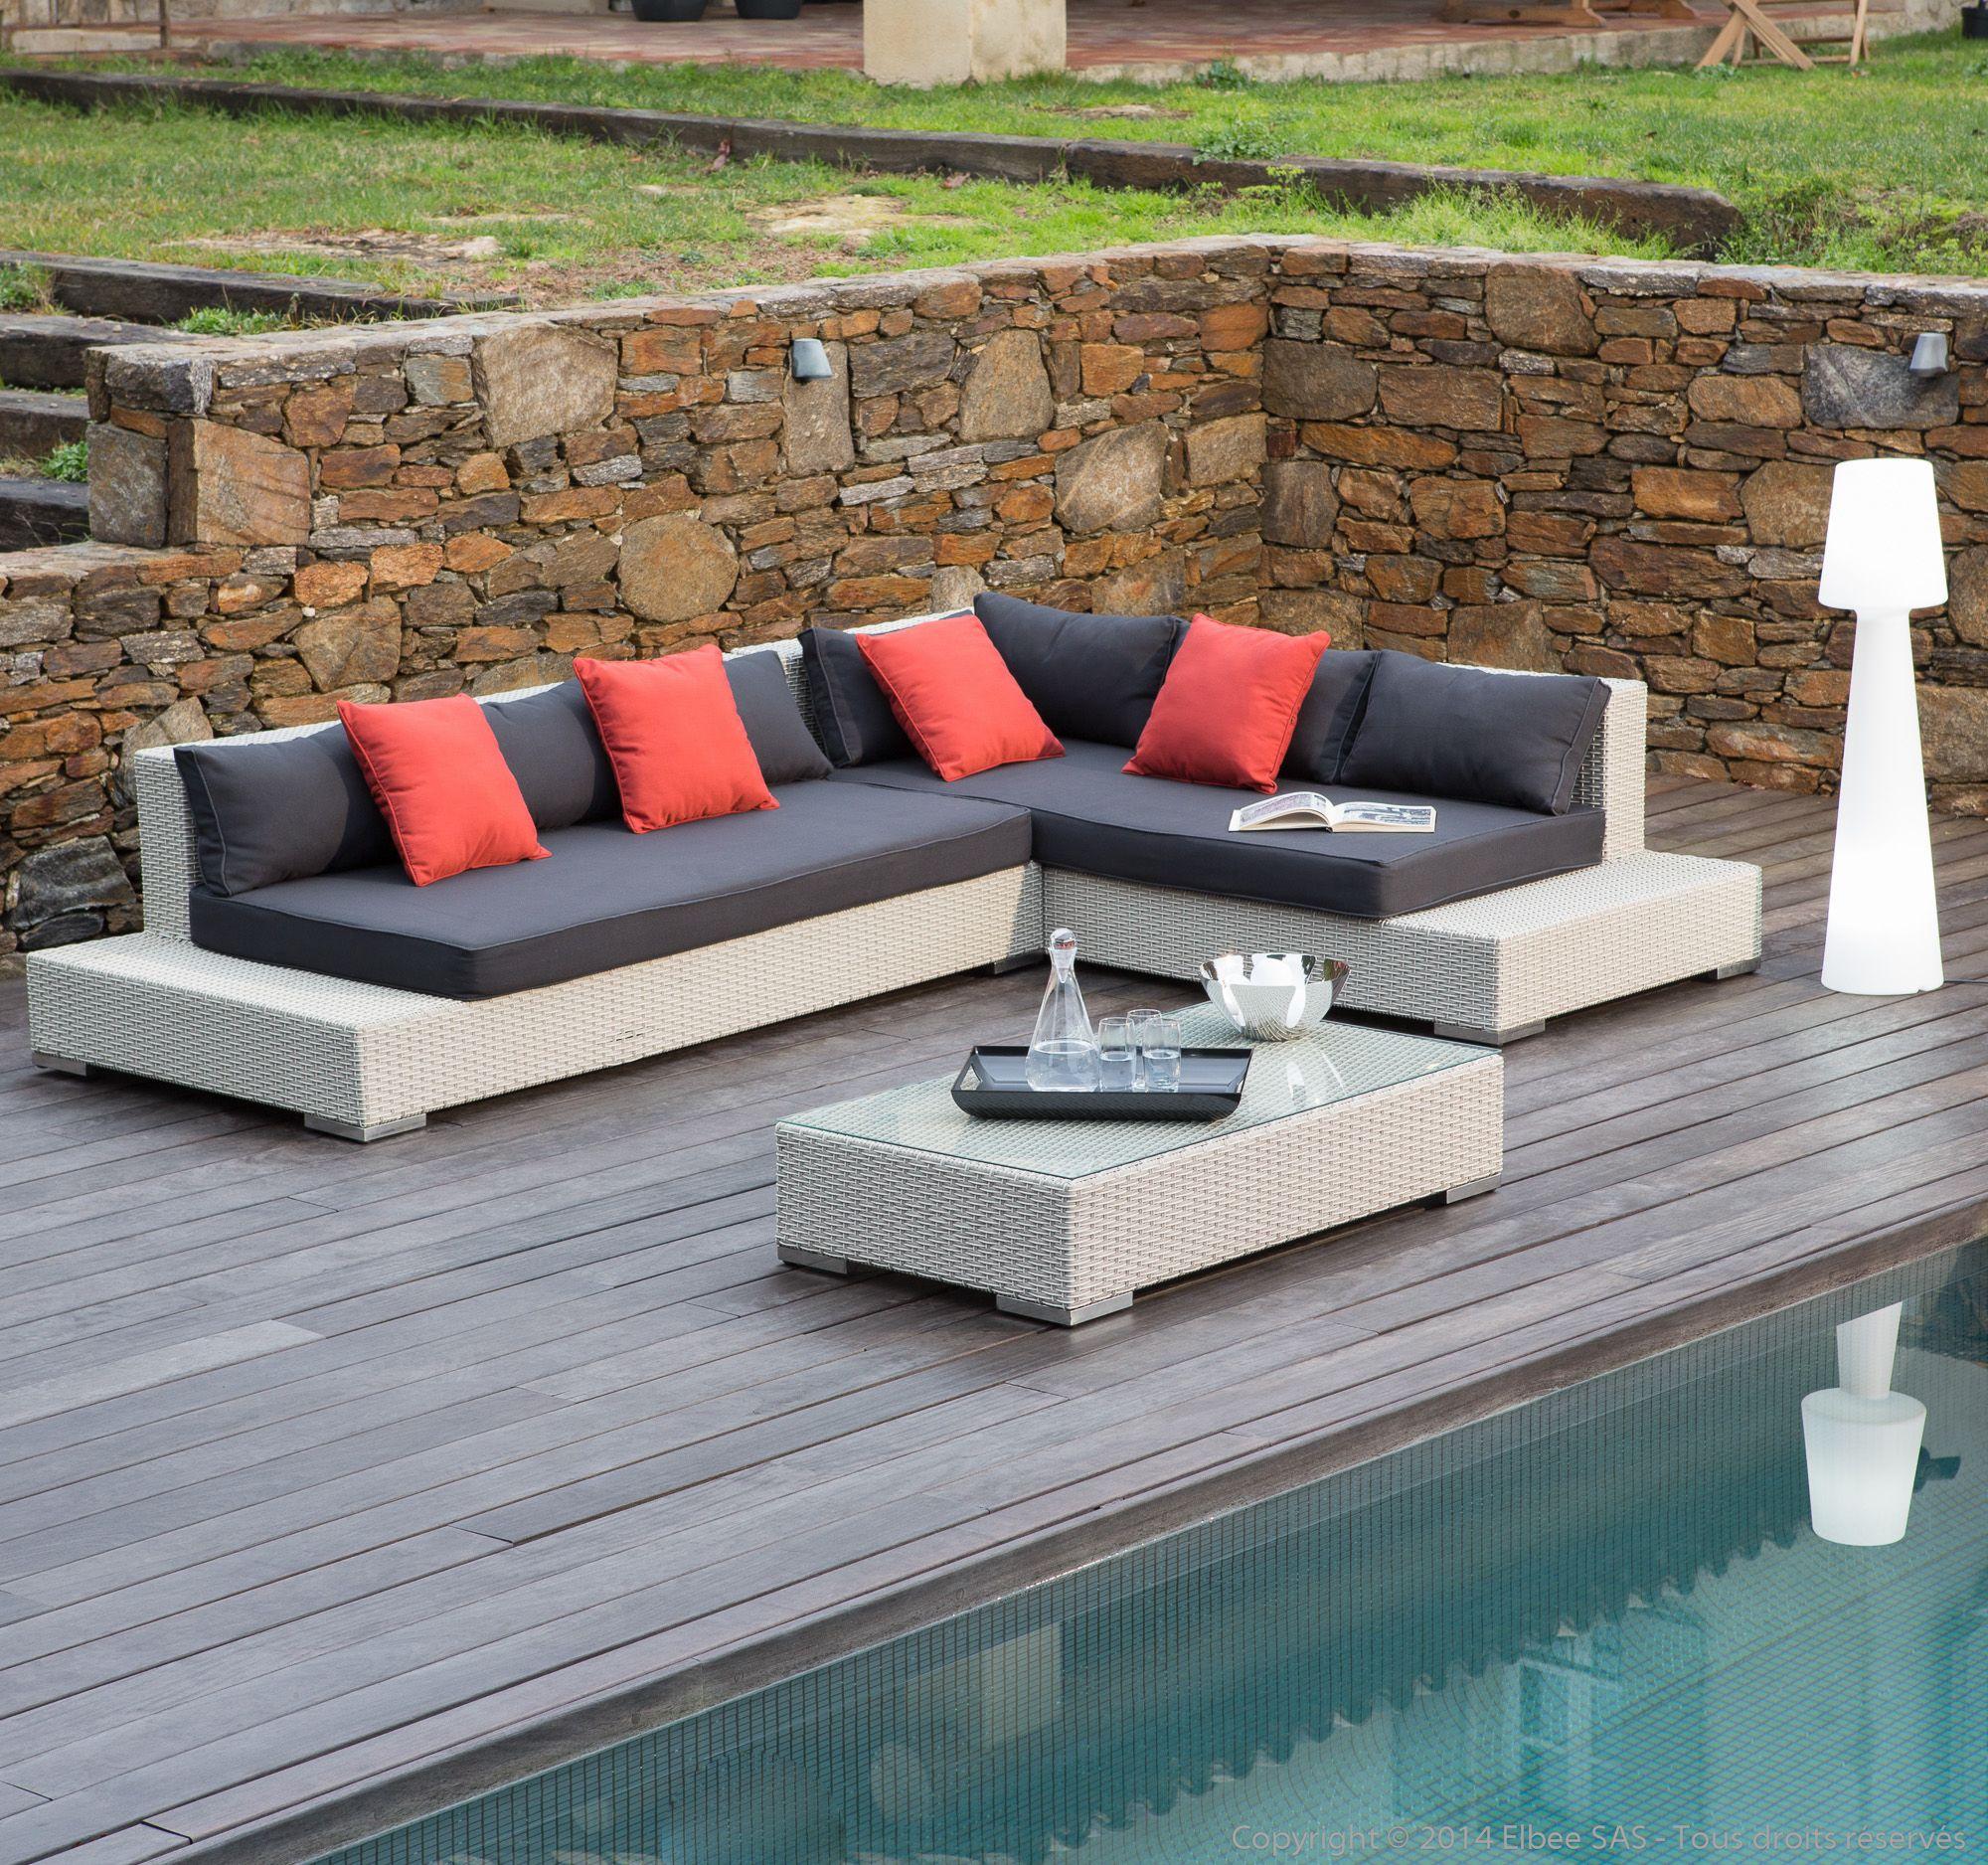 Salon De Jardin 6 Places : Canapé D'angle + Table Basse En ... concernant Salon De Jardin En Resine Tressee 6 Places